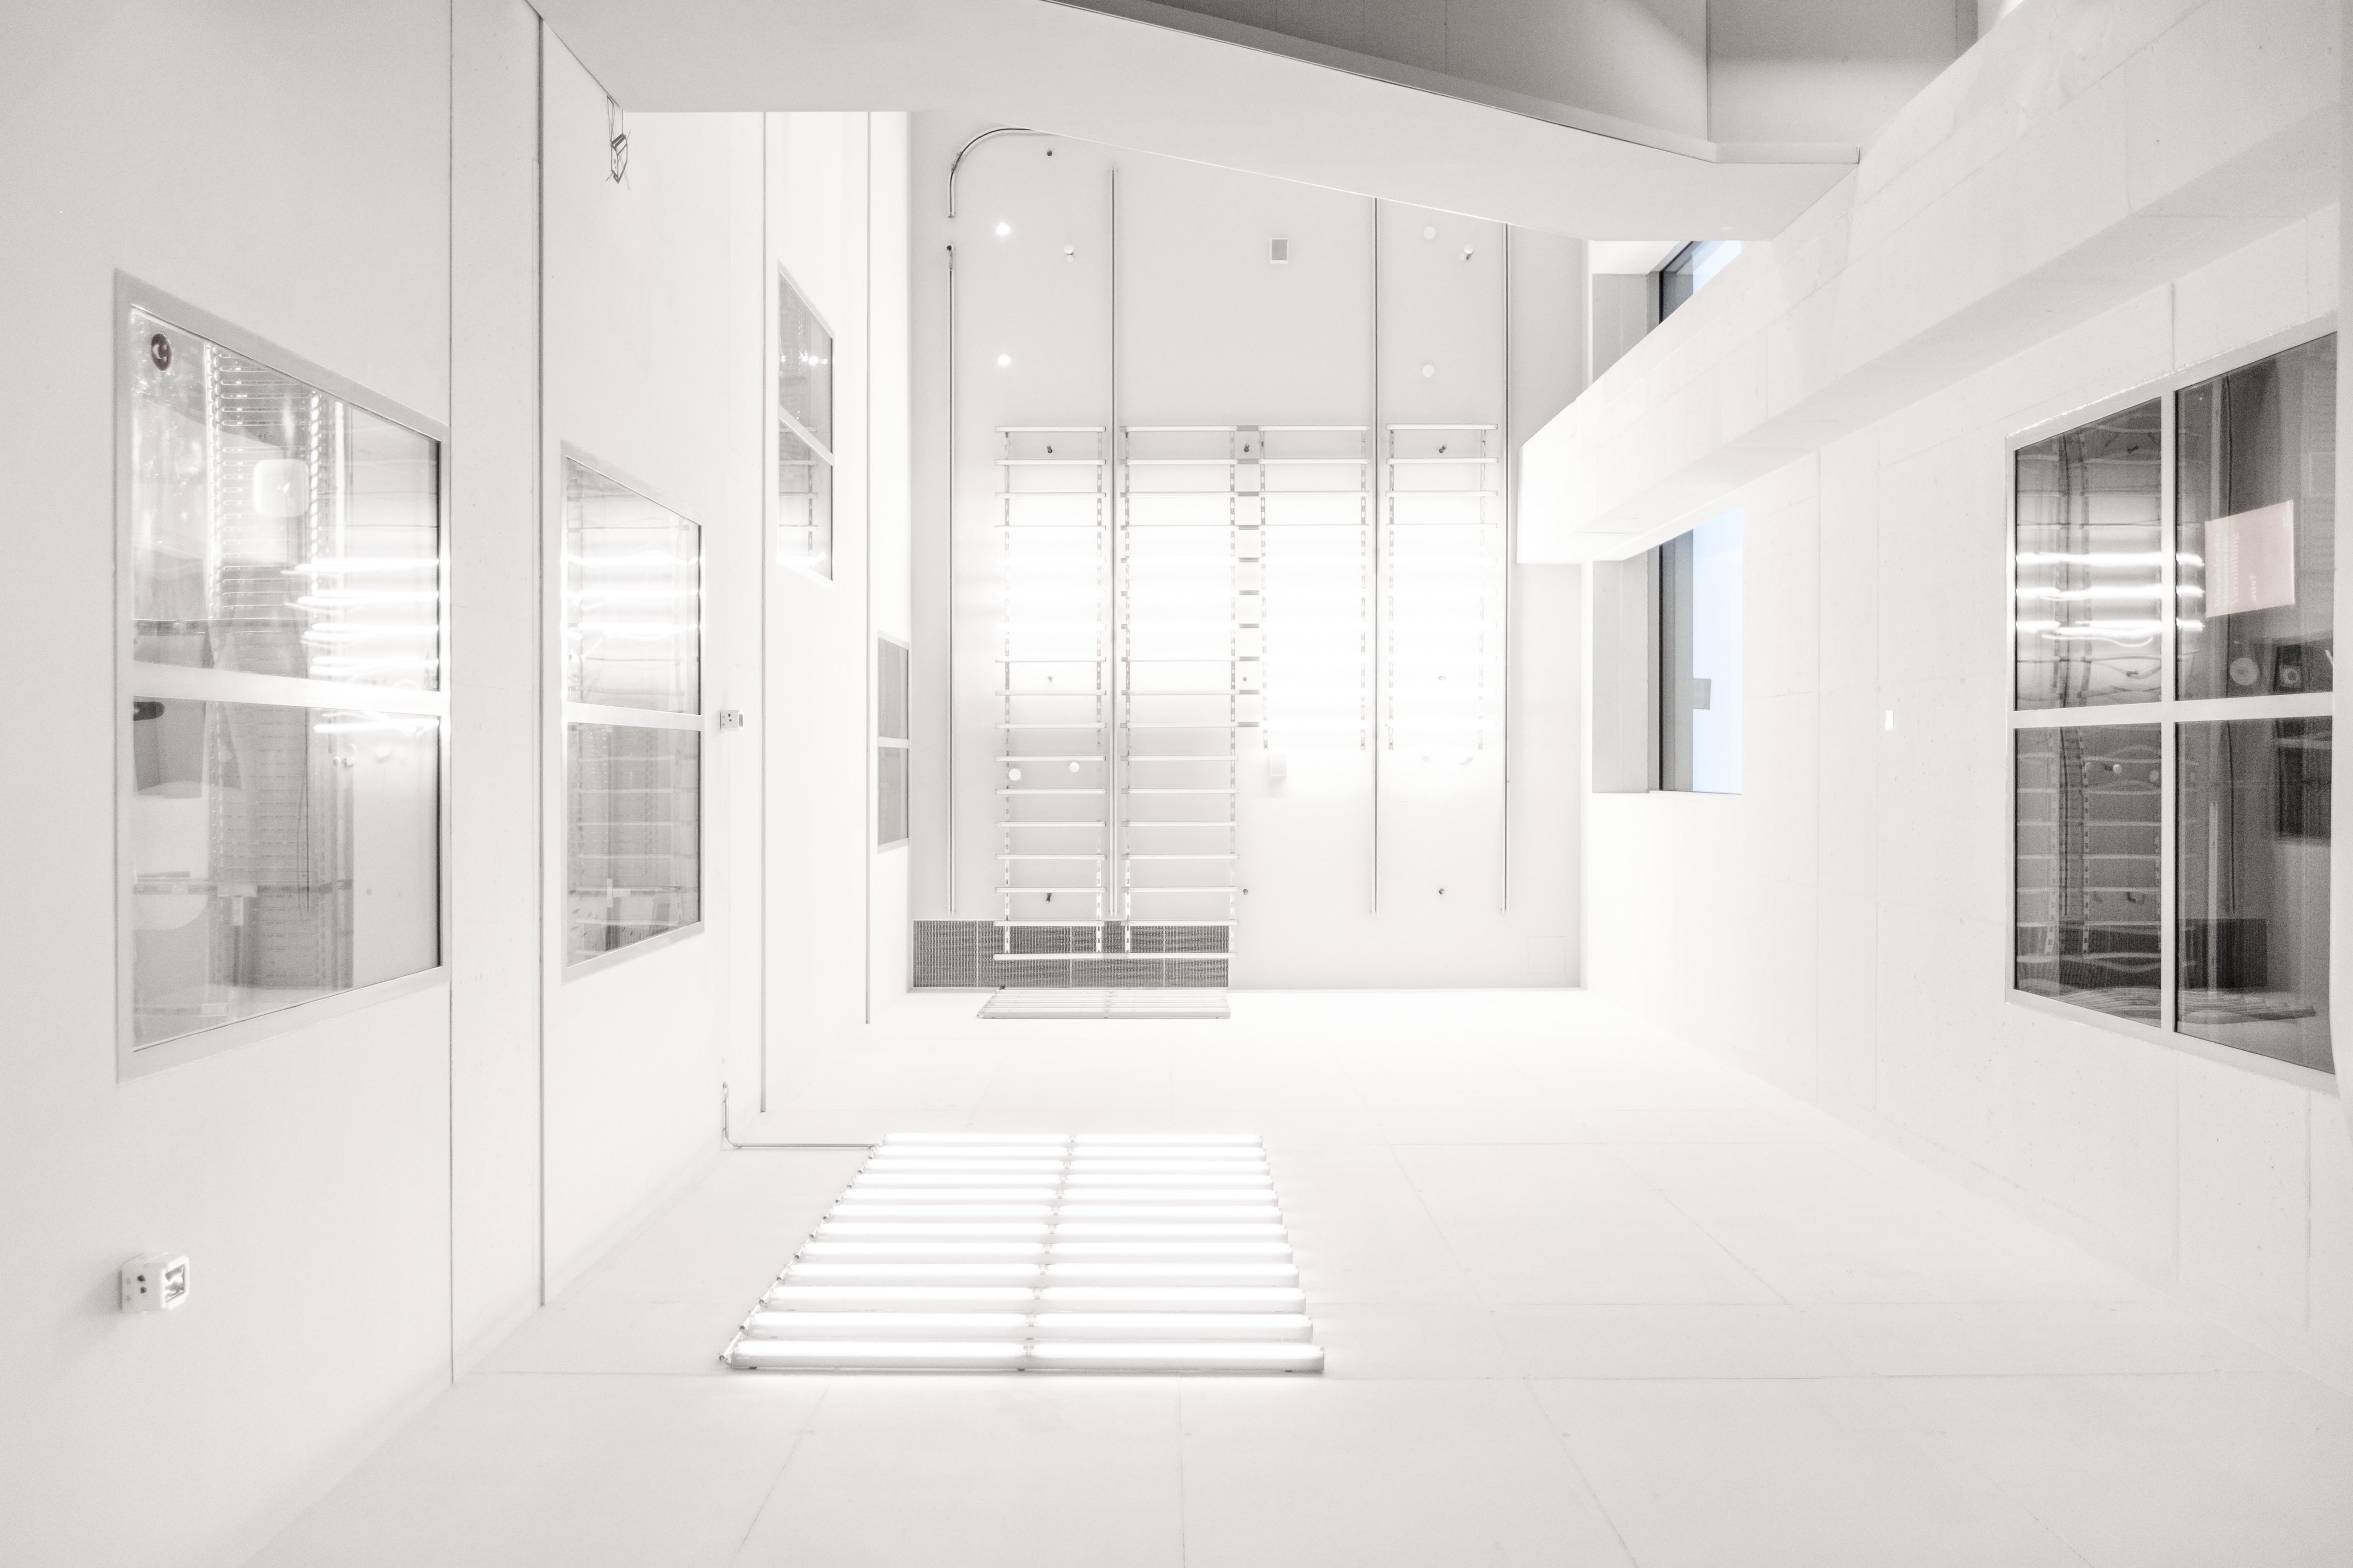 무료 이미지 건축물 화이트 집 바닥